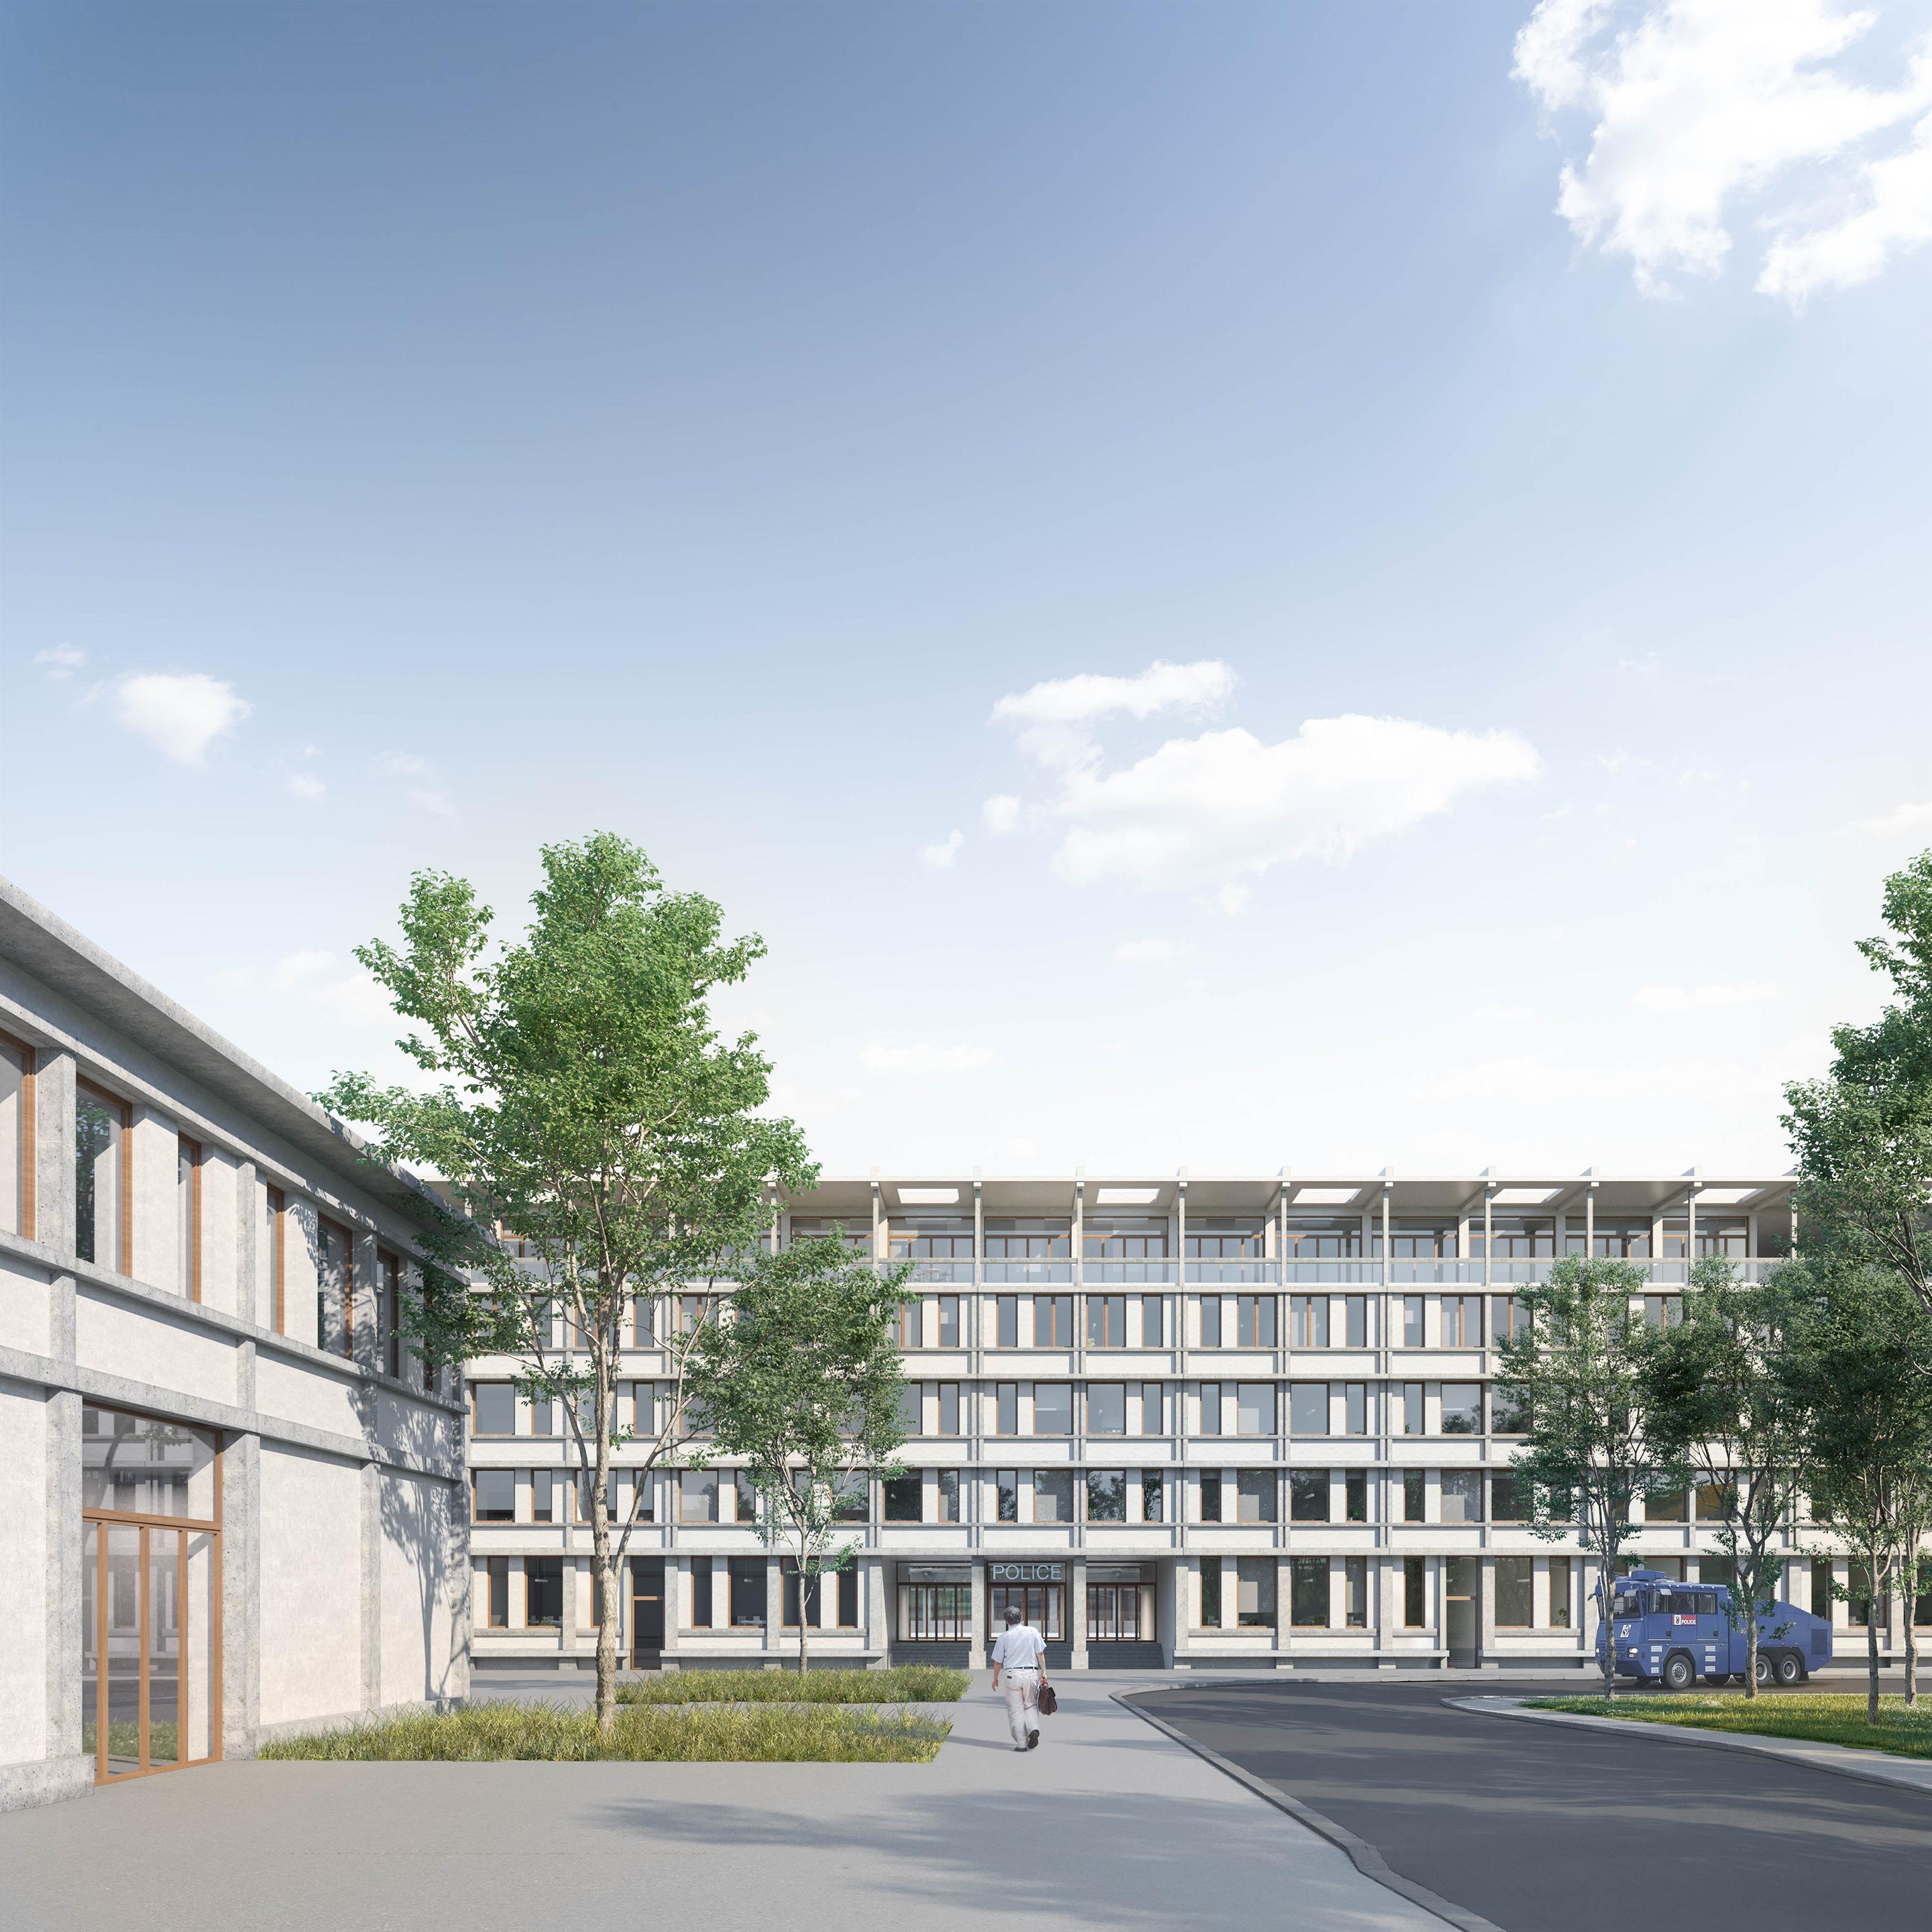 Polizeizentrum Bern, Autobahn